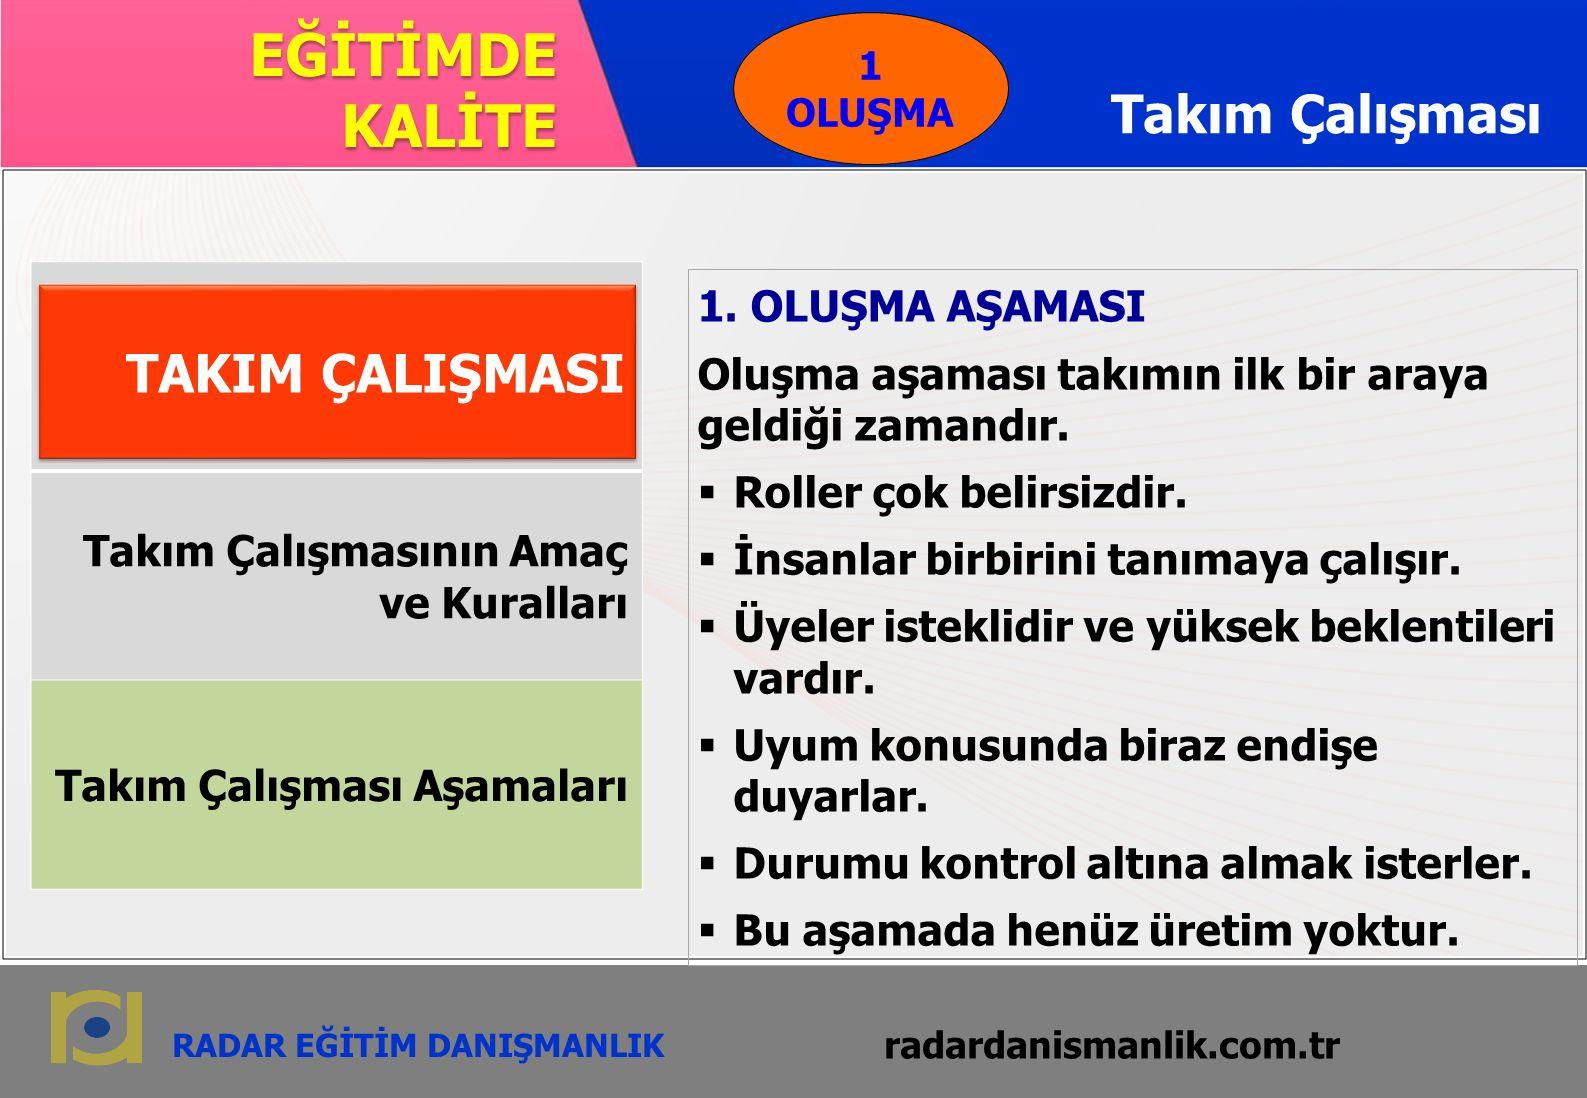 radardanismanlik.com.tr 10 RADAR EĞİTİM DANIŞMANLIK EĞİTİMDE KALİTE radardanismanlik.com.tr Takım Çalışması 1.